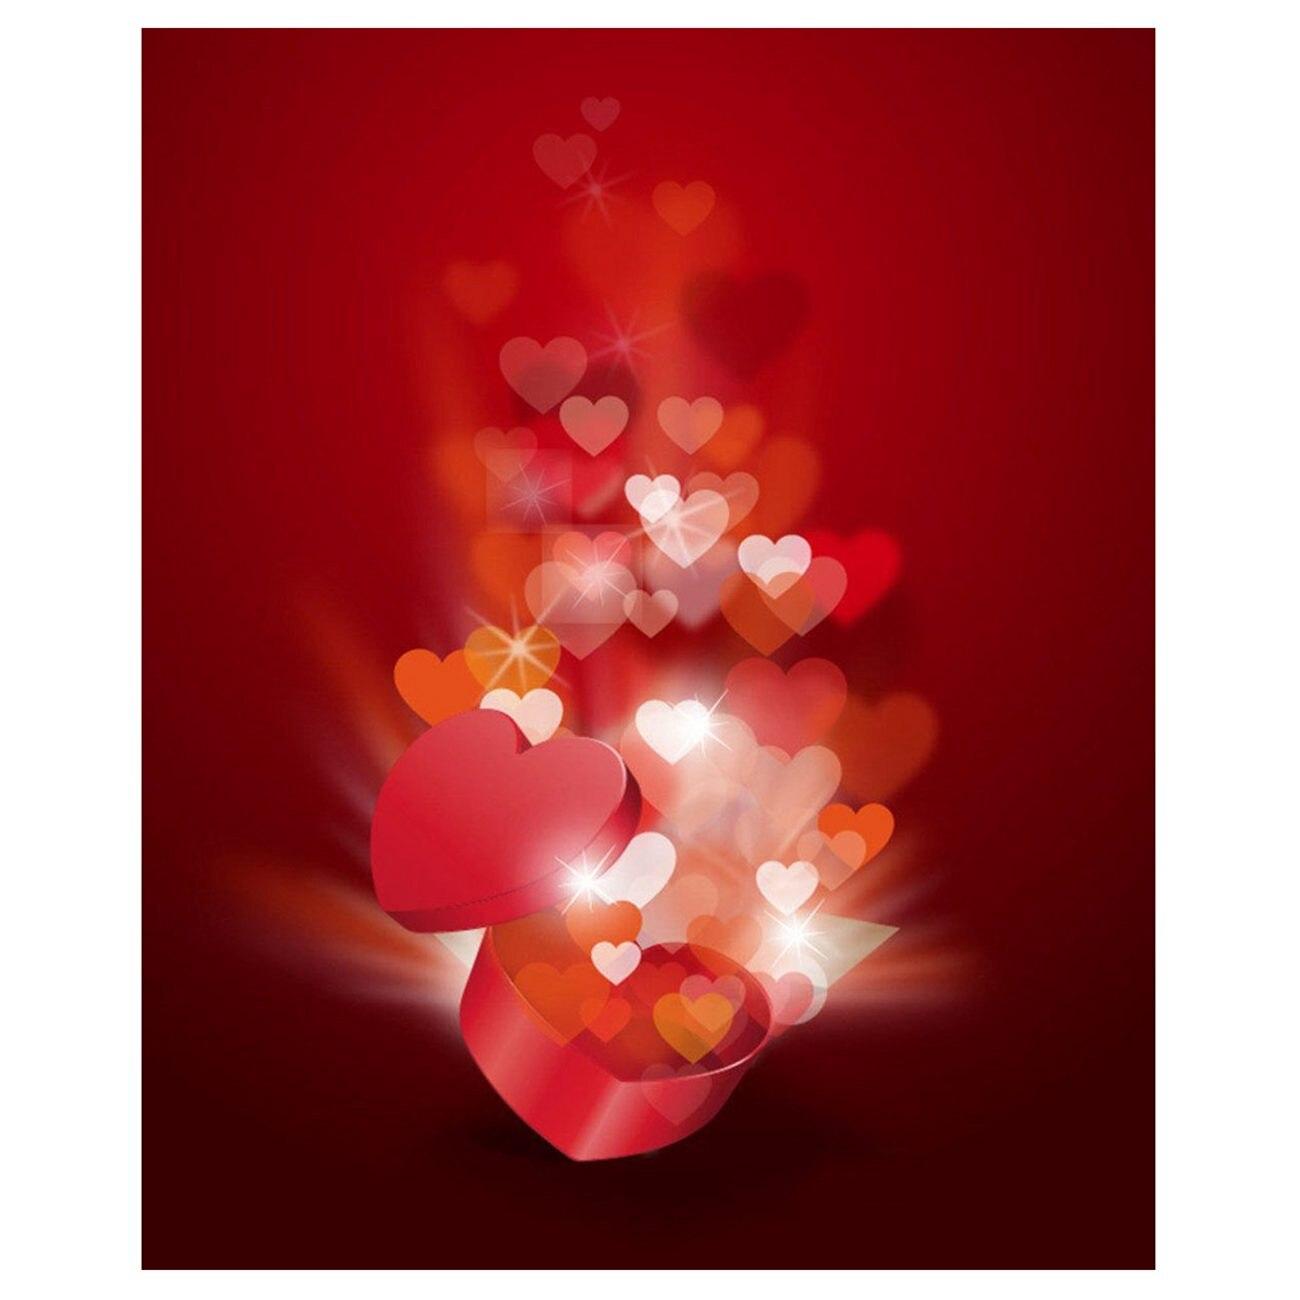 Топ предложения 3x5ft День Святого Валентина винил фон фотографии индивидуальные фото фон студии реквизит цвет 7